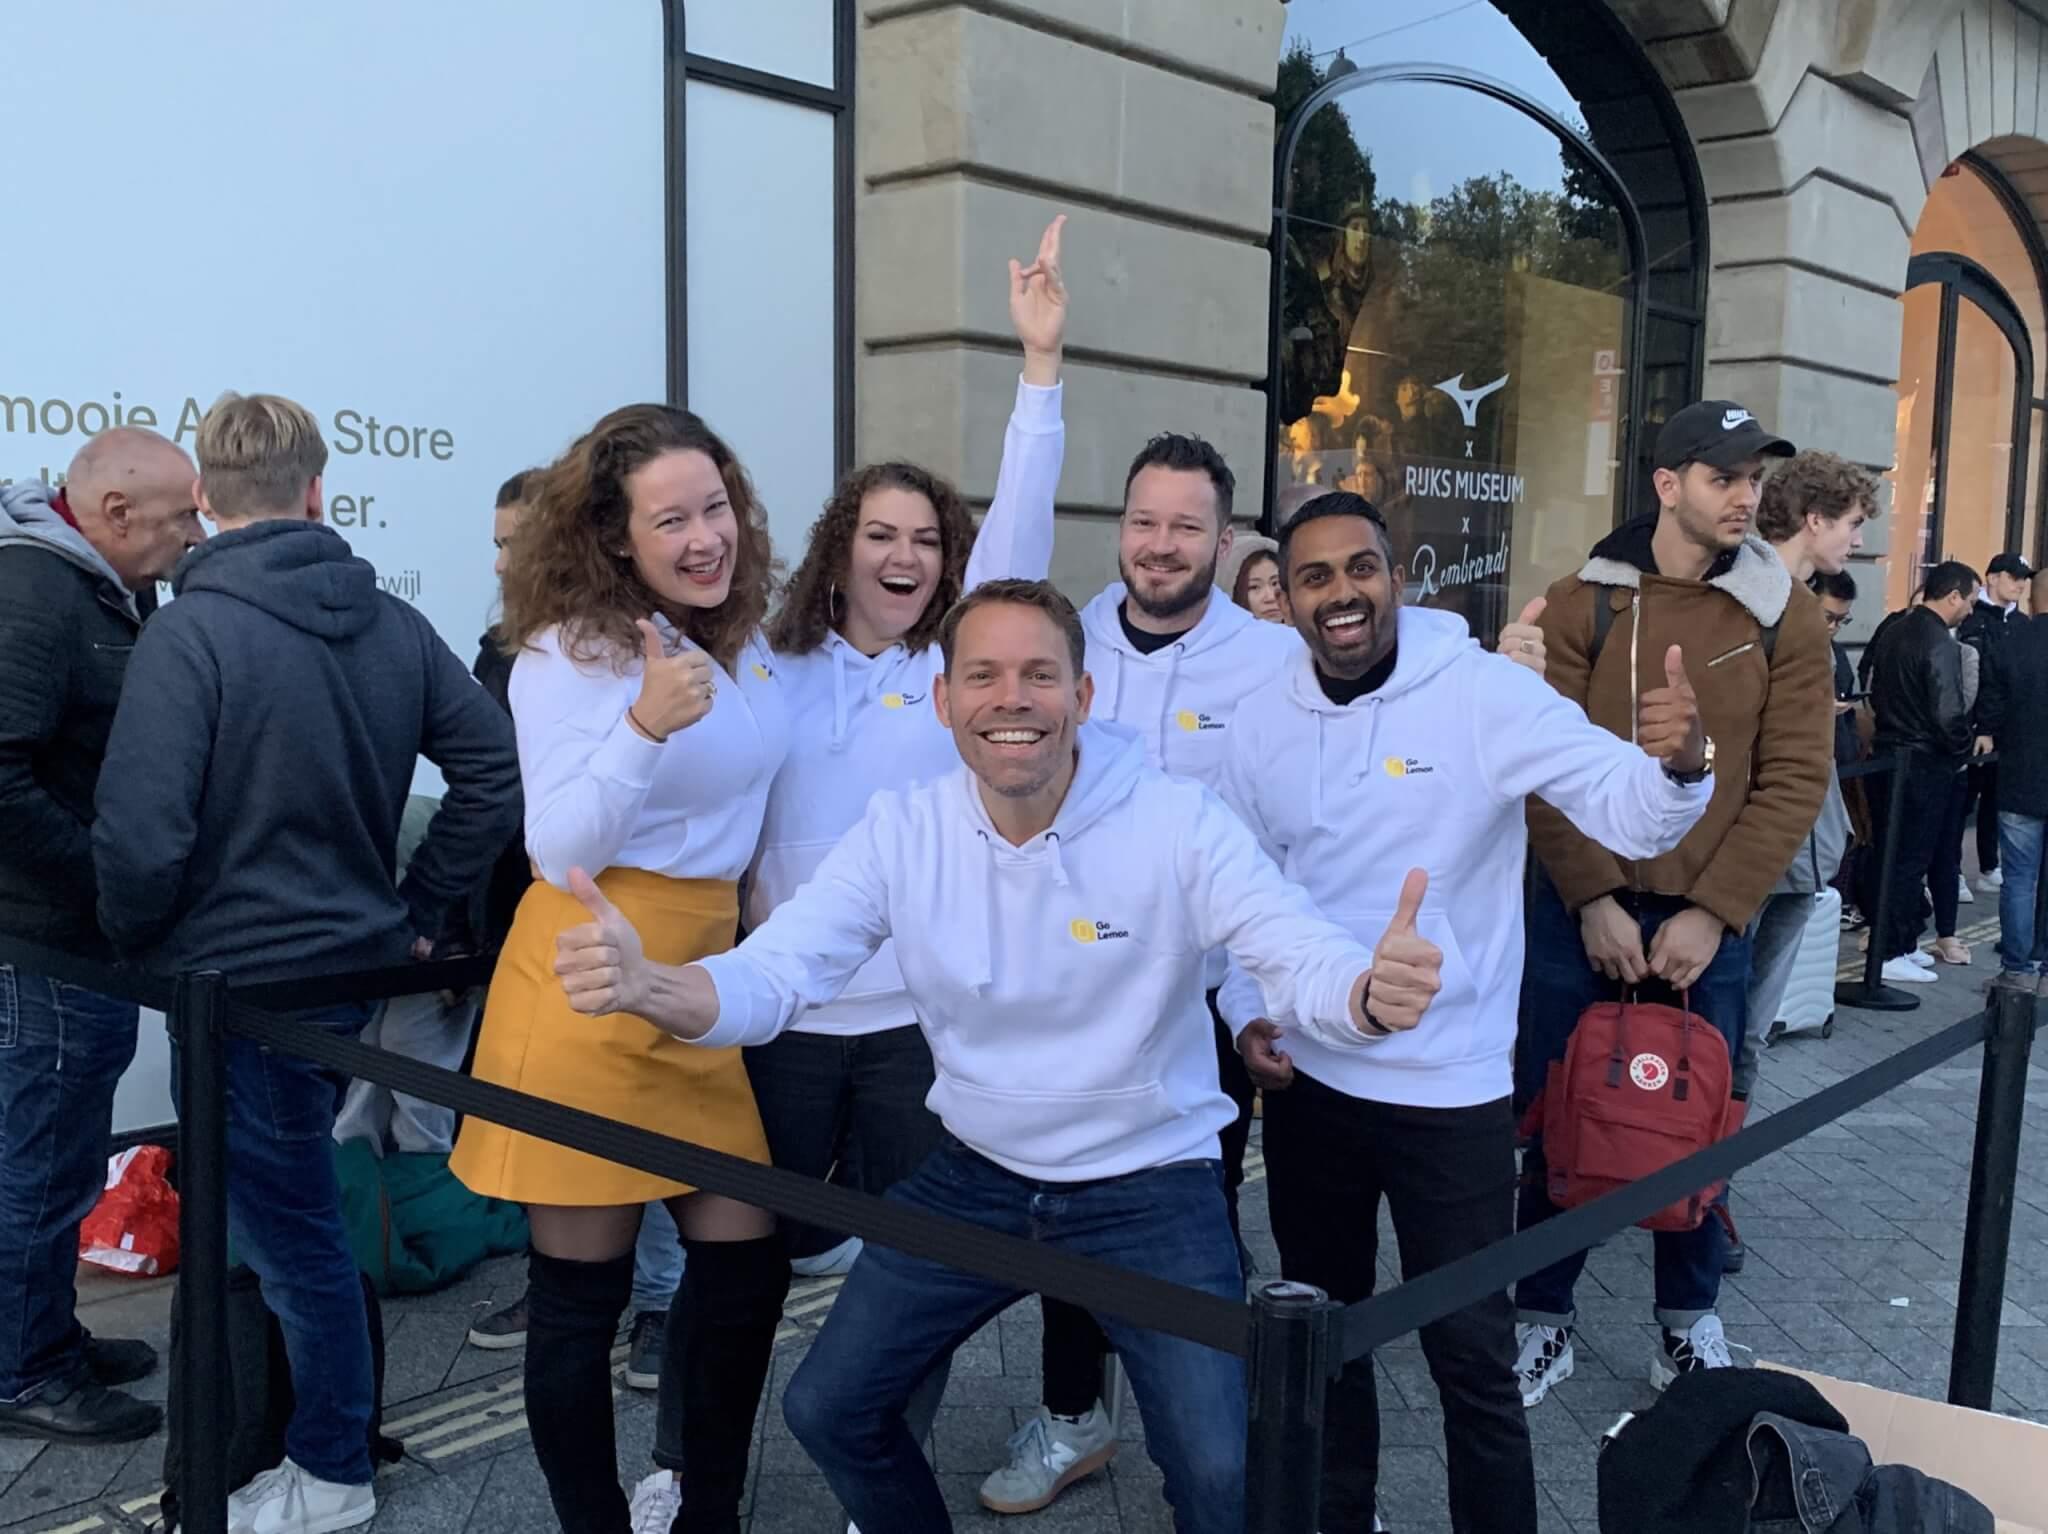 Team Go Lemon